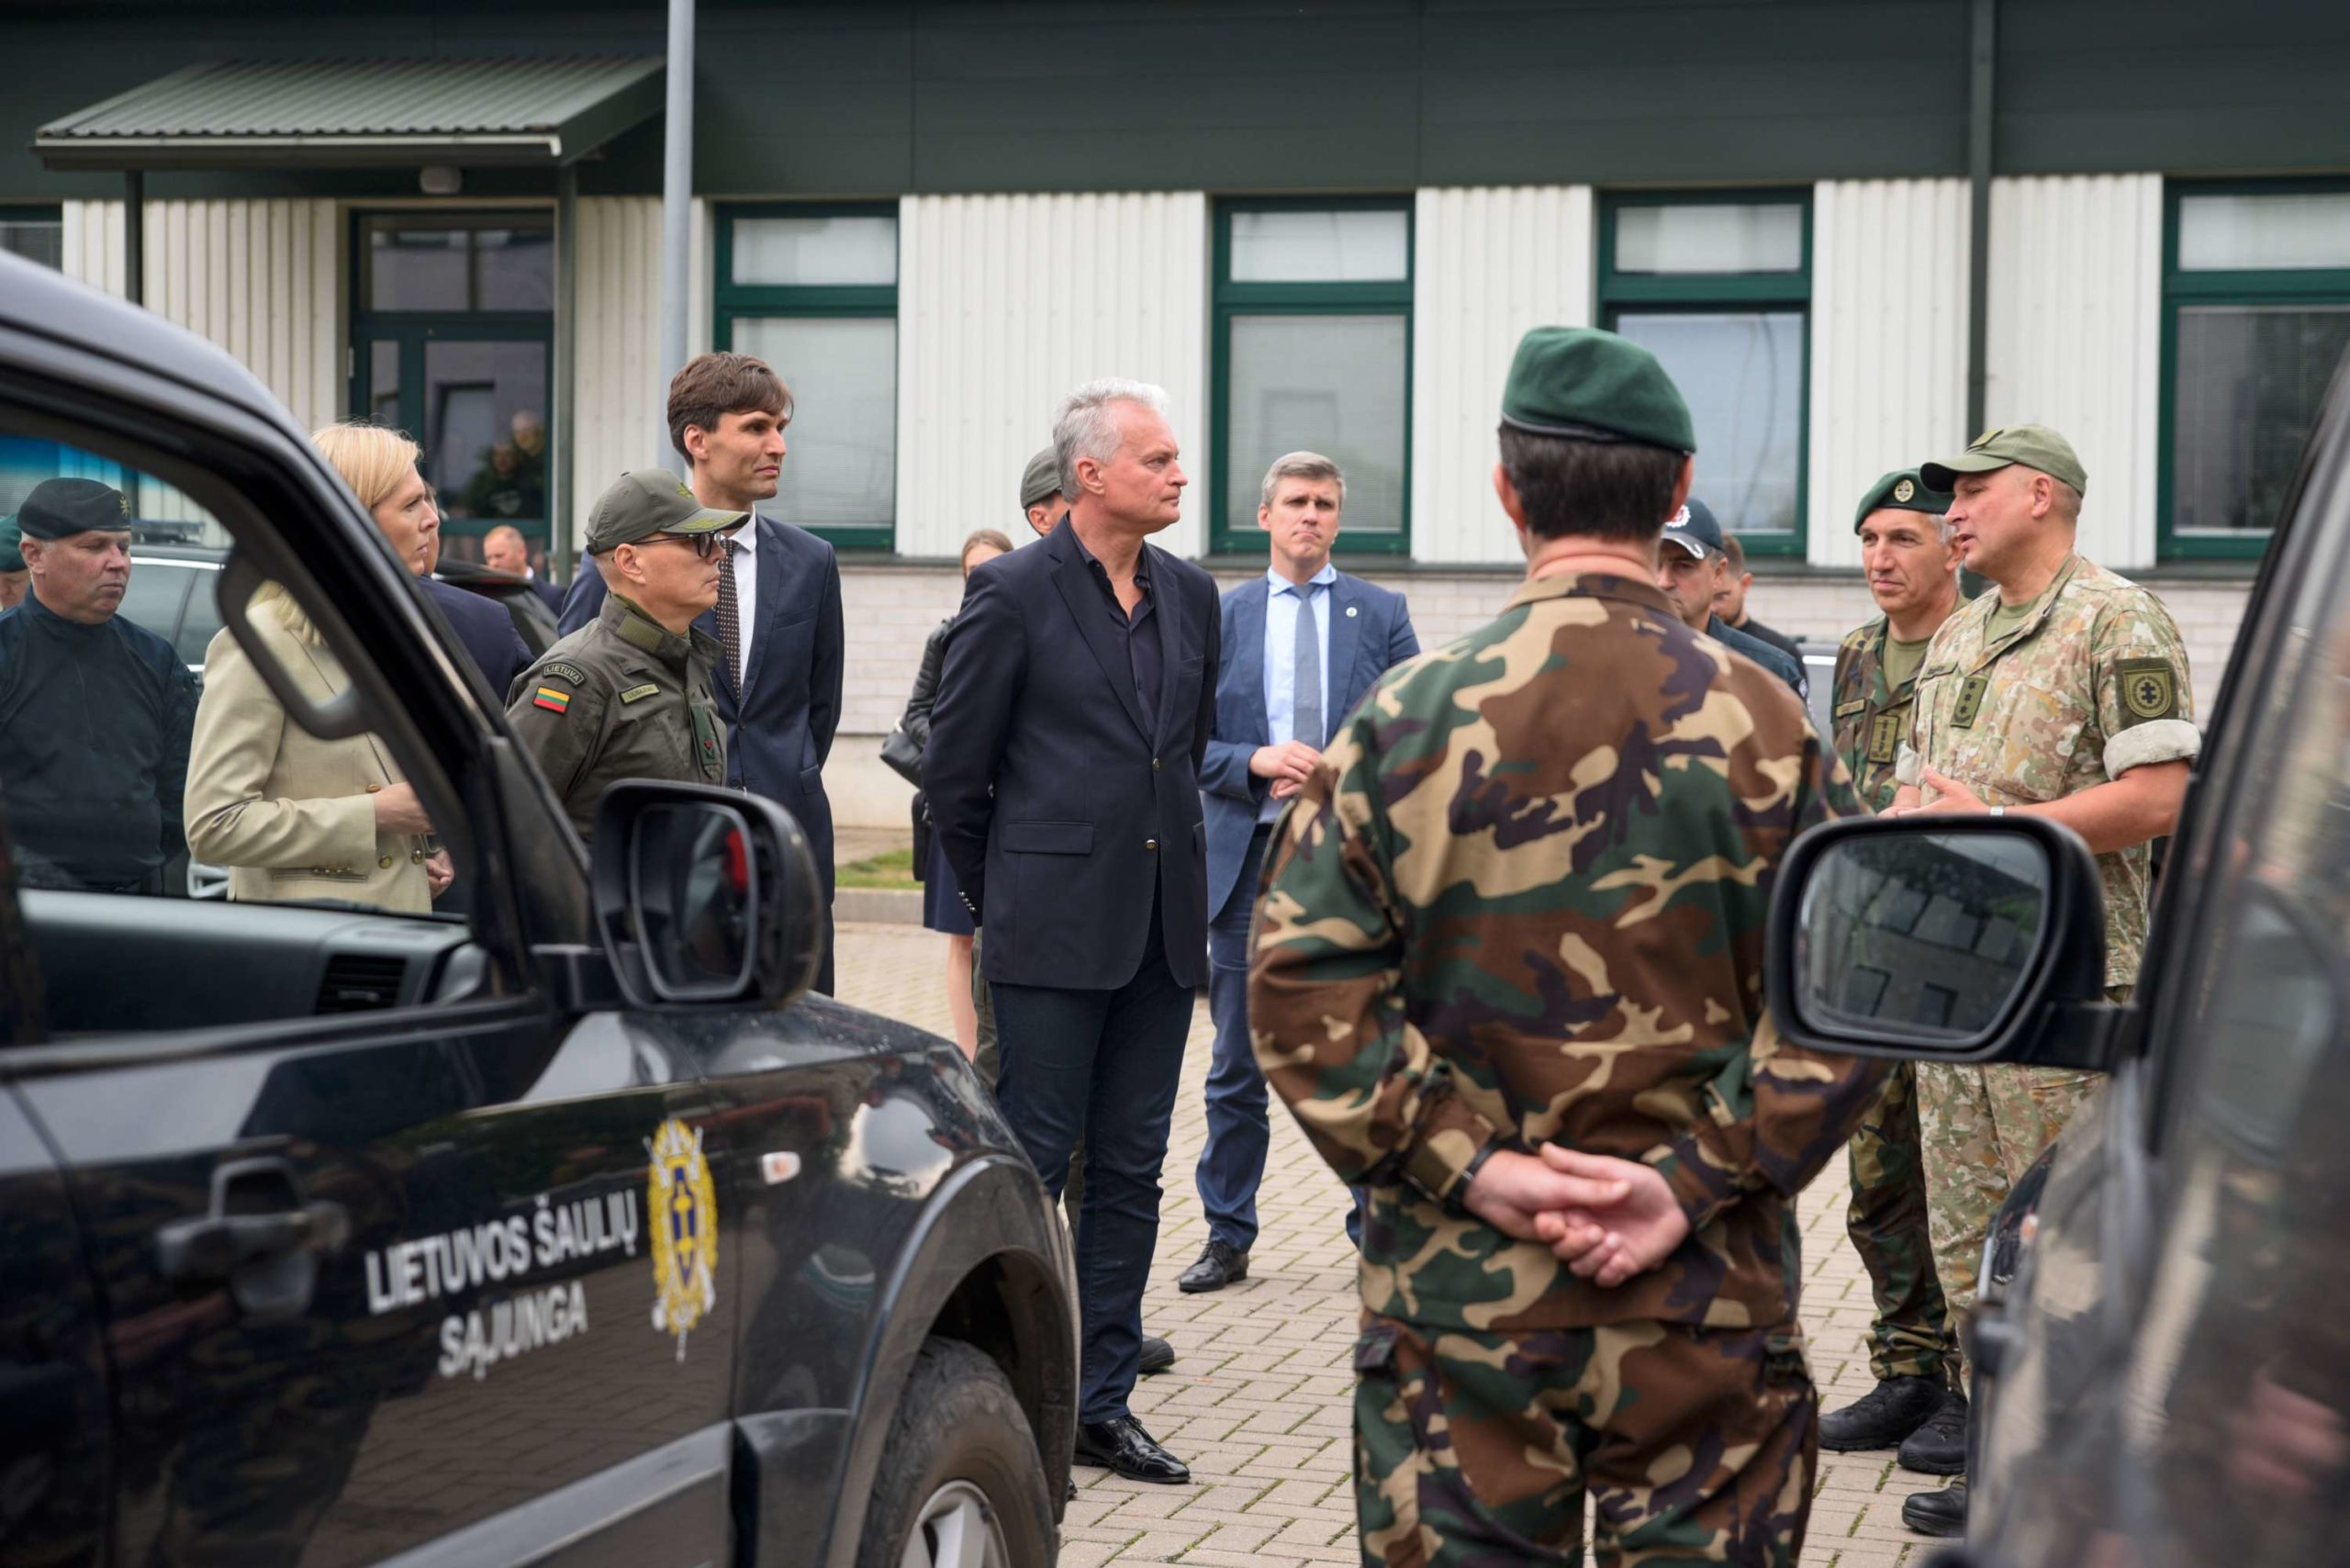 Prezidentas lankosi Valstybės sienos apsaugos tarnybos Vilniaus rinktinės būstinėje   lrp.lt, J. Auškelio nuotr.